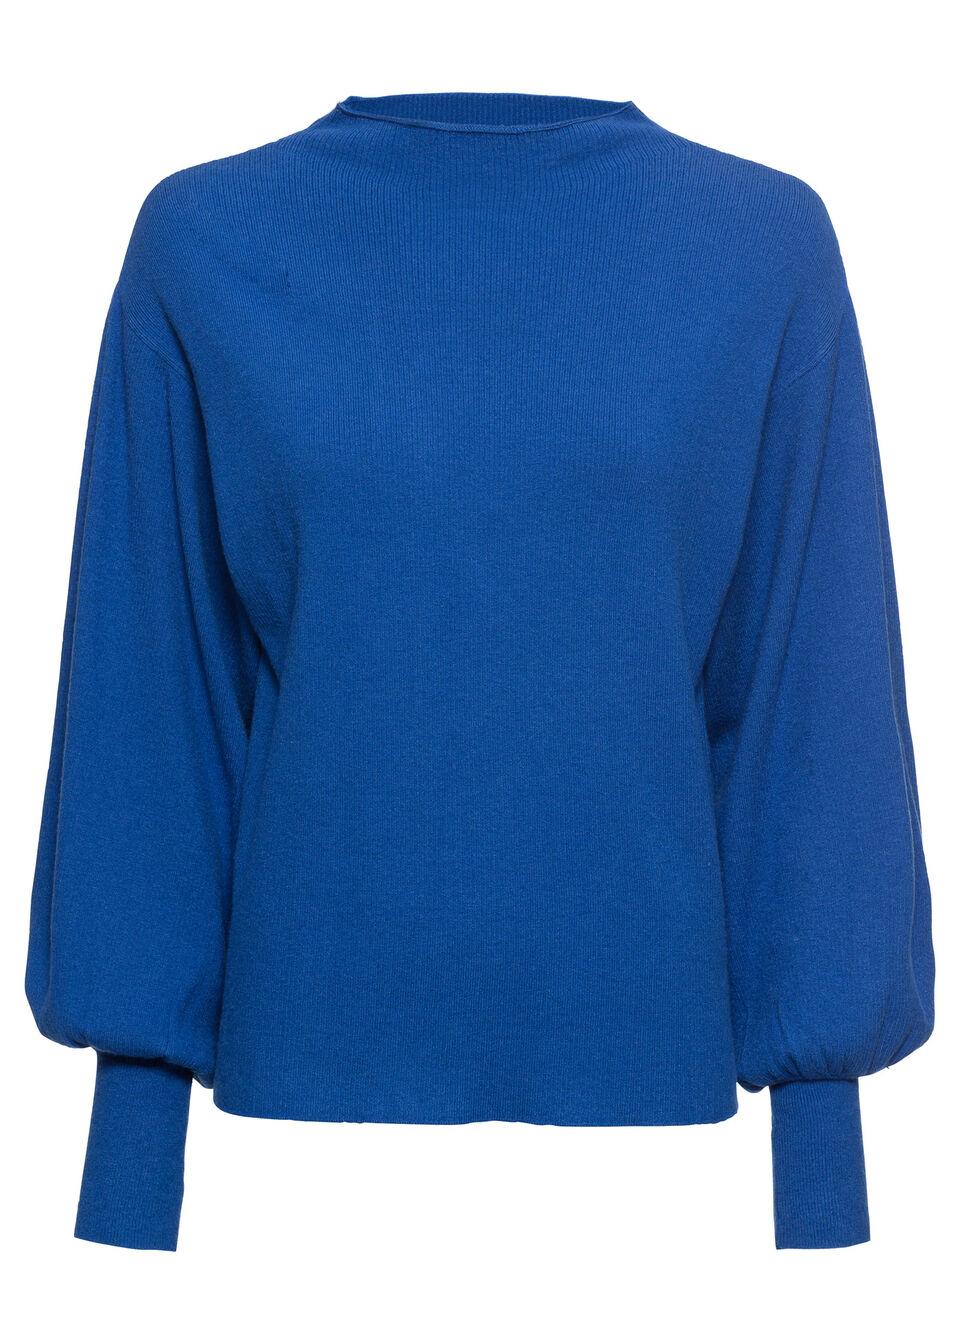 Sweter dzianinowy z balonowymi rękawami bonprix błękit królewski